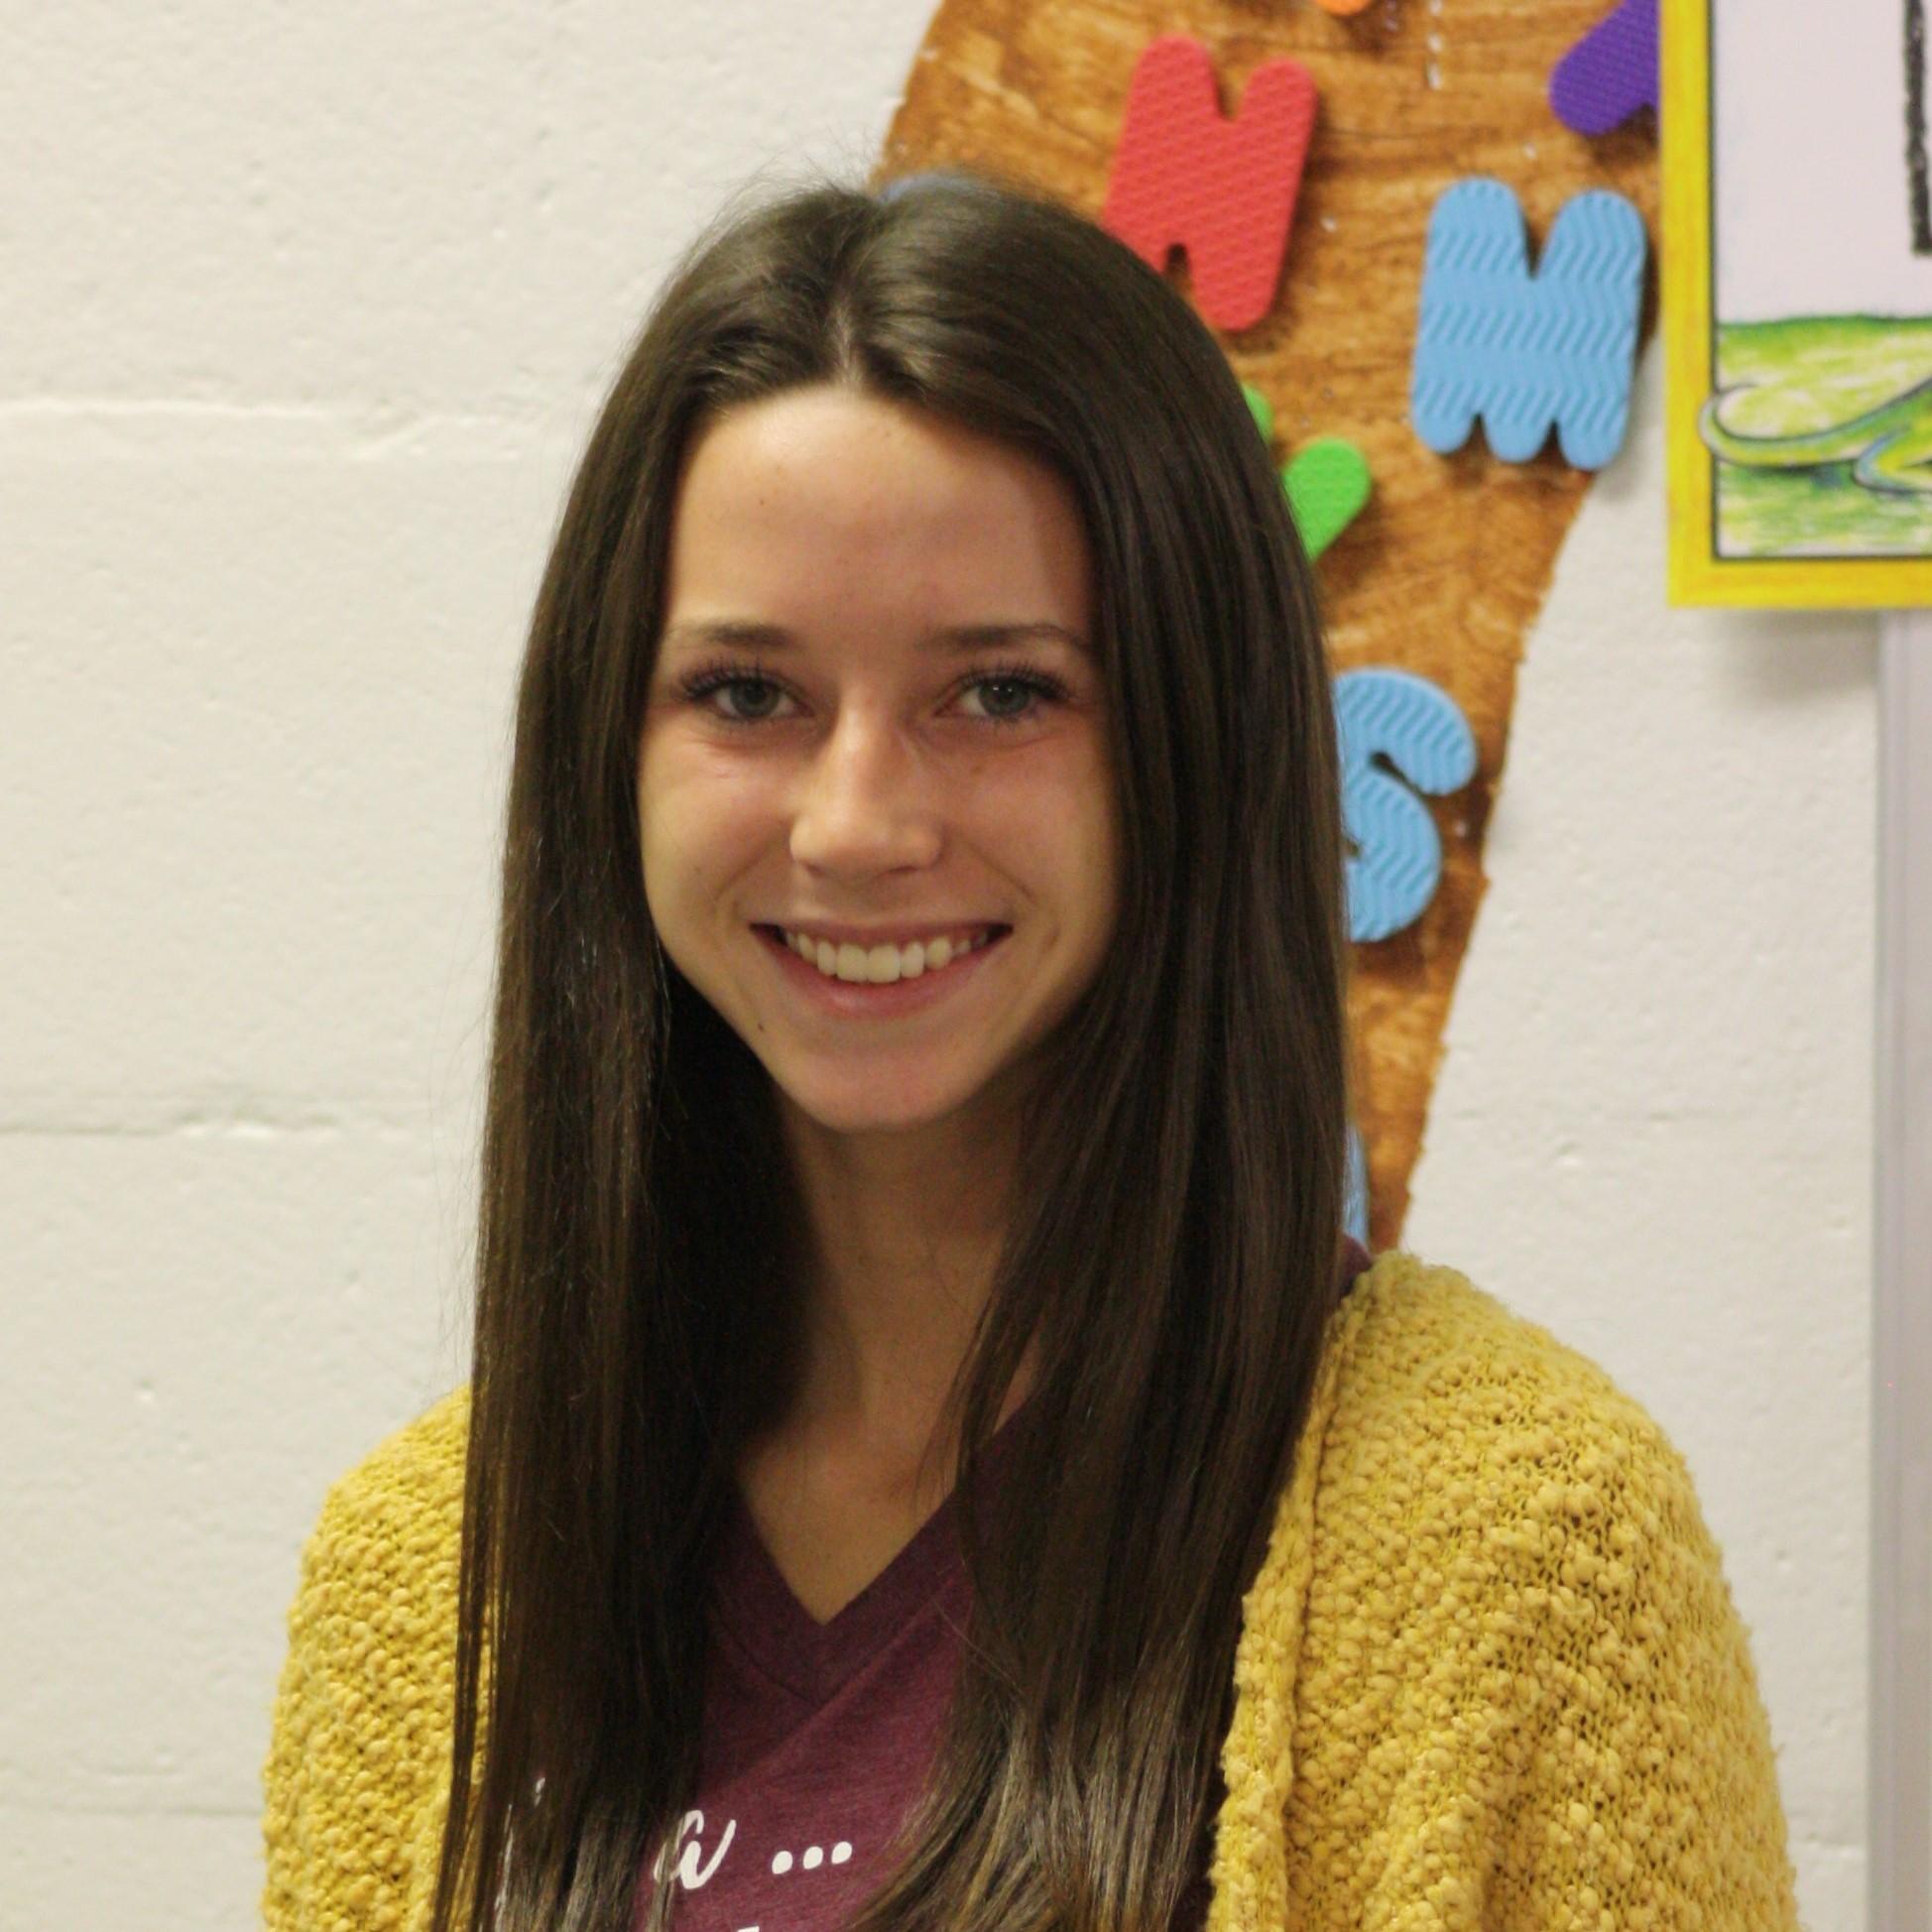 Allie Hendrick